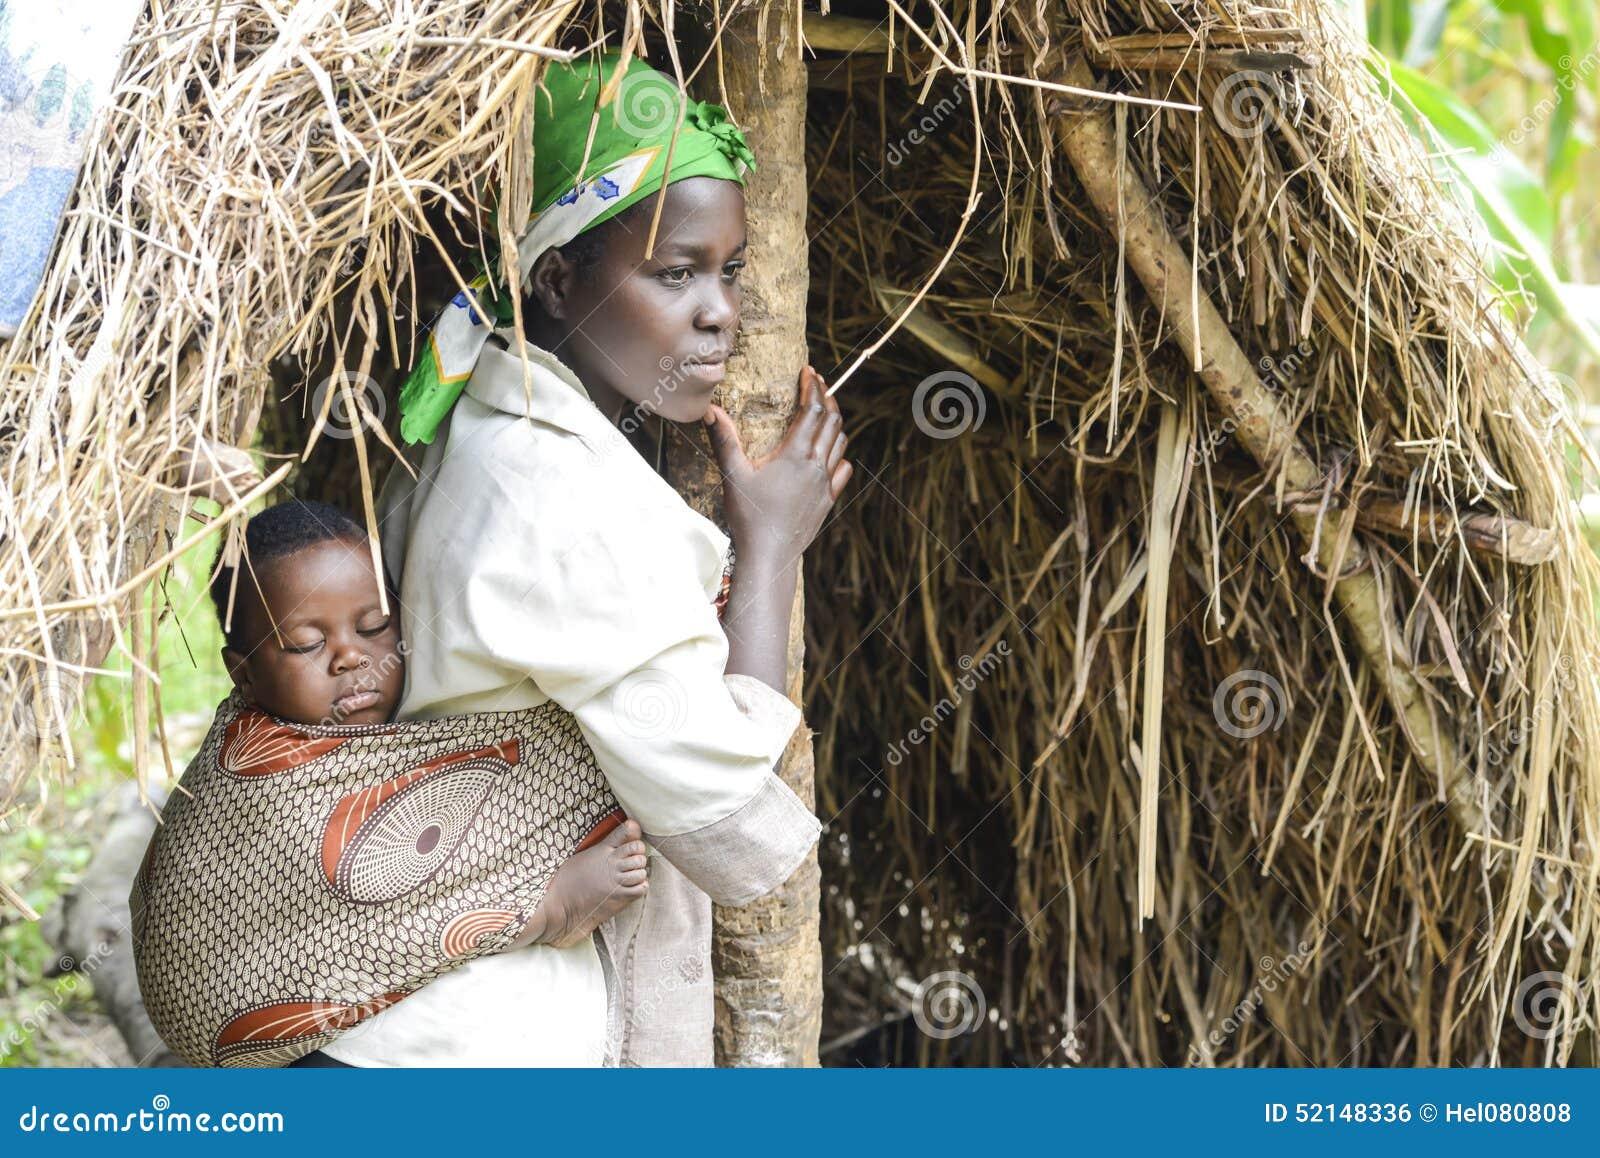 Afrikanisches Mutterbaby im Riemen